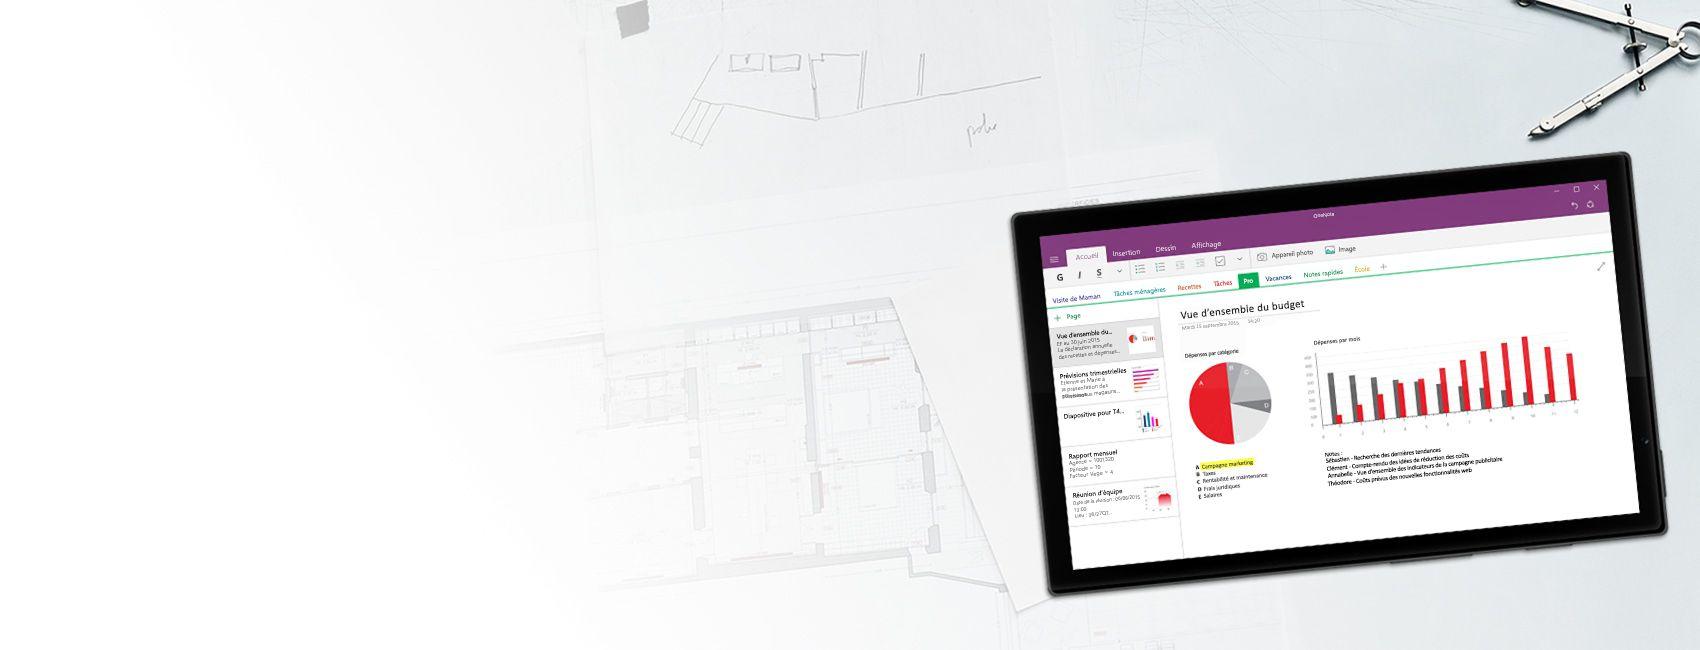 Tablette Windows affichant un bloc-notes OneNote contenant des diagrammes et des graphiques pour la gestion du budget